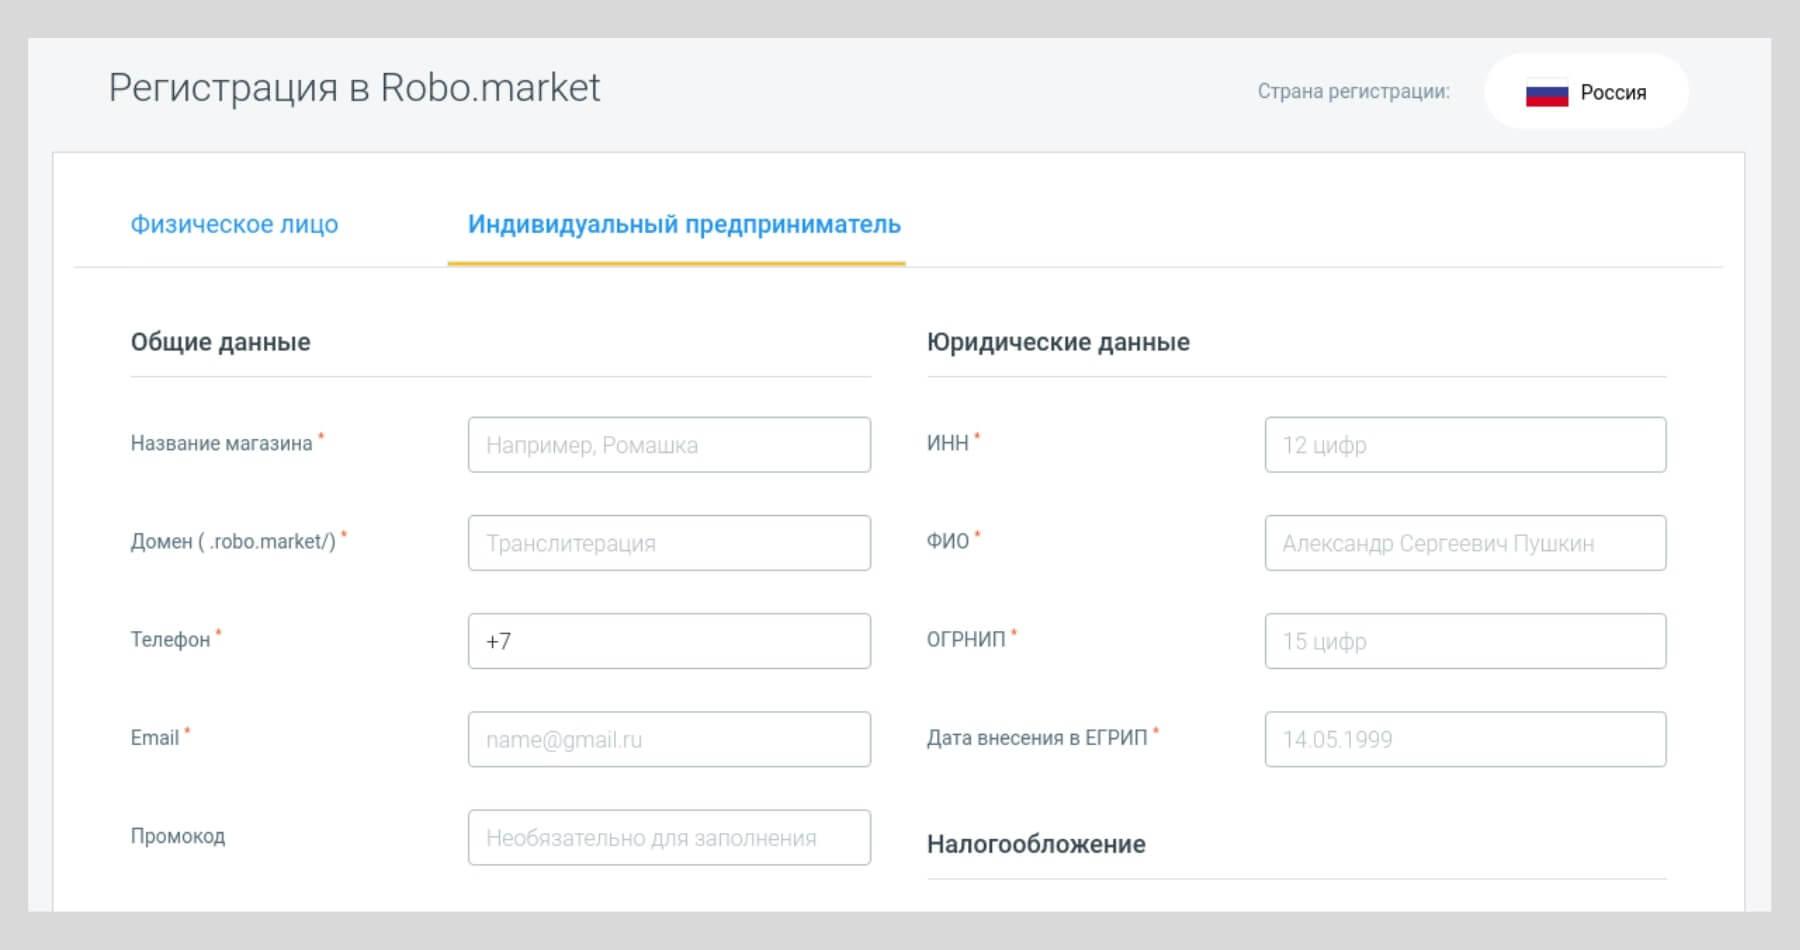 Регистрация в Robo.market